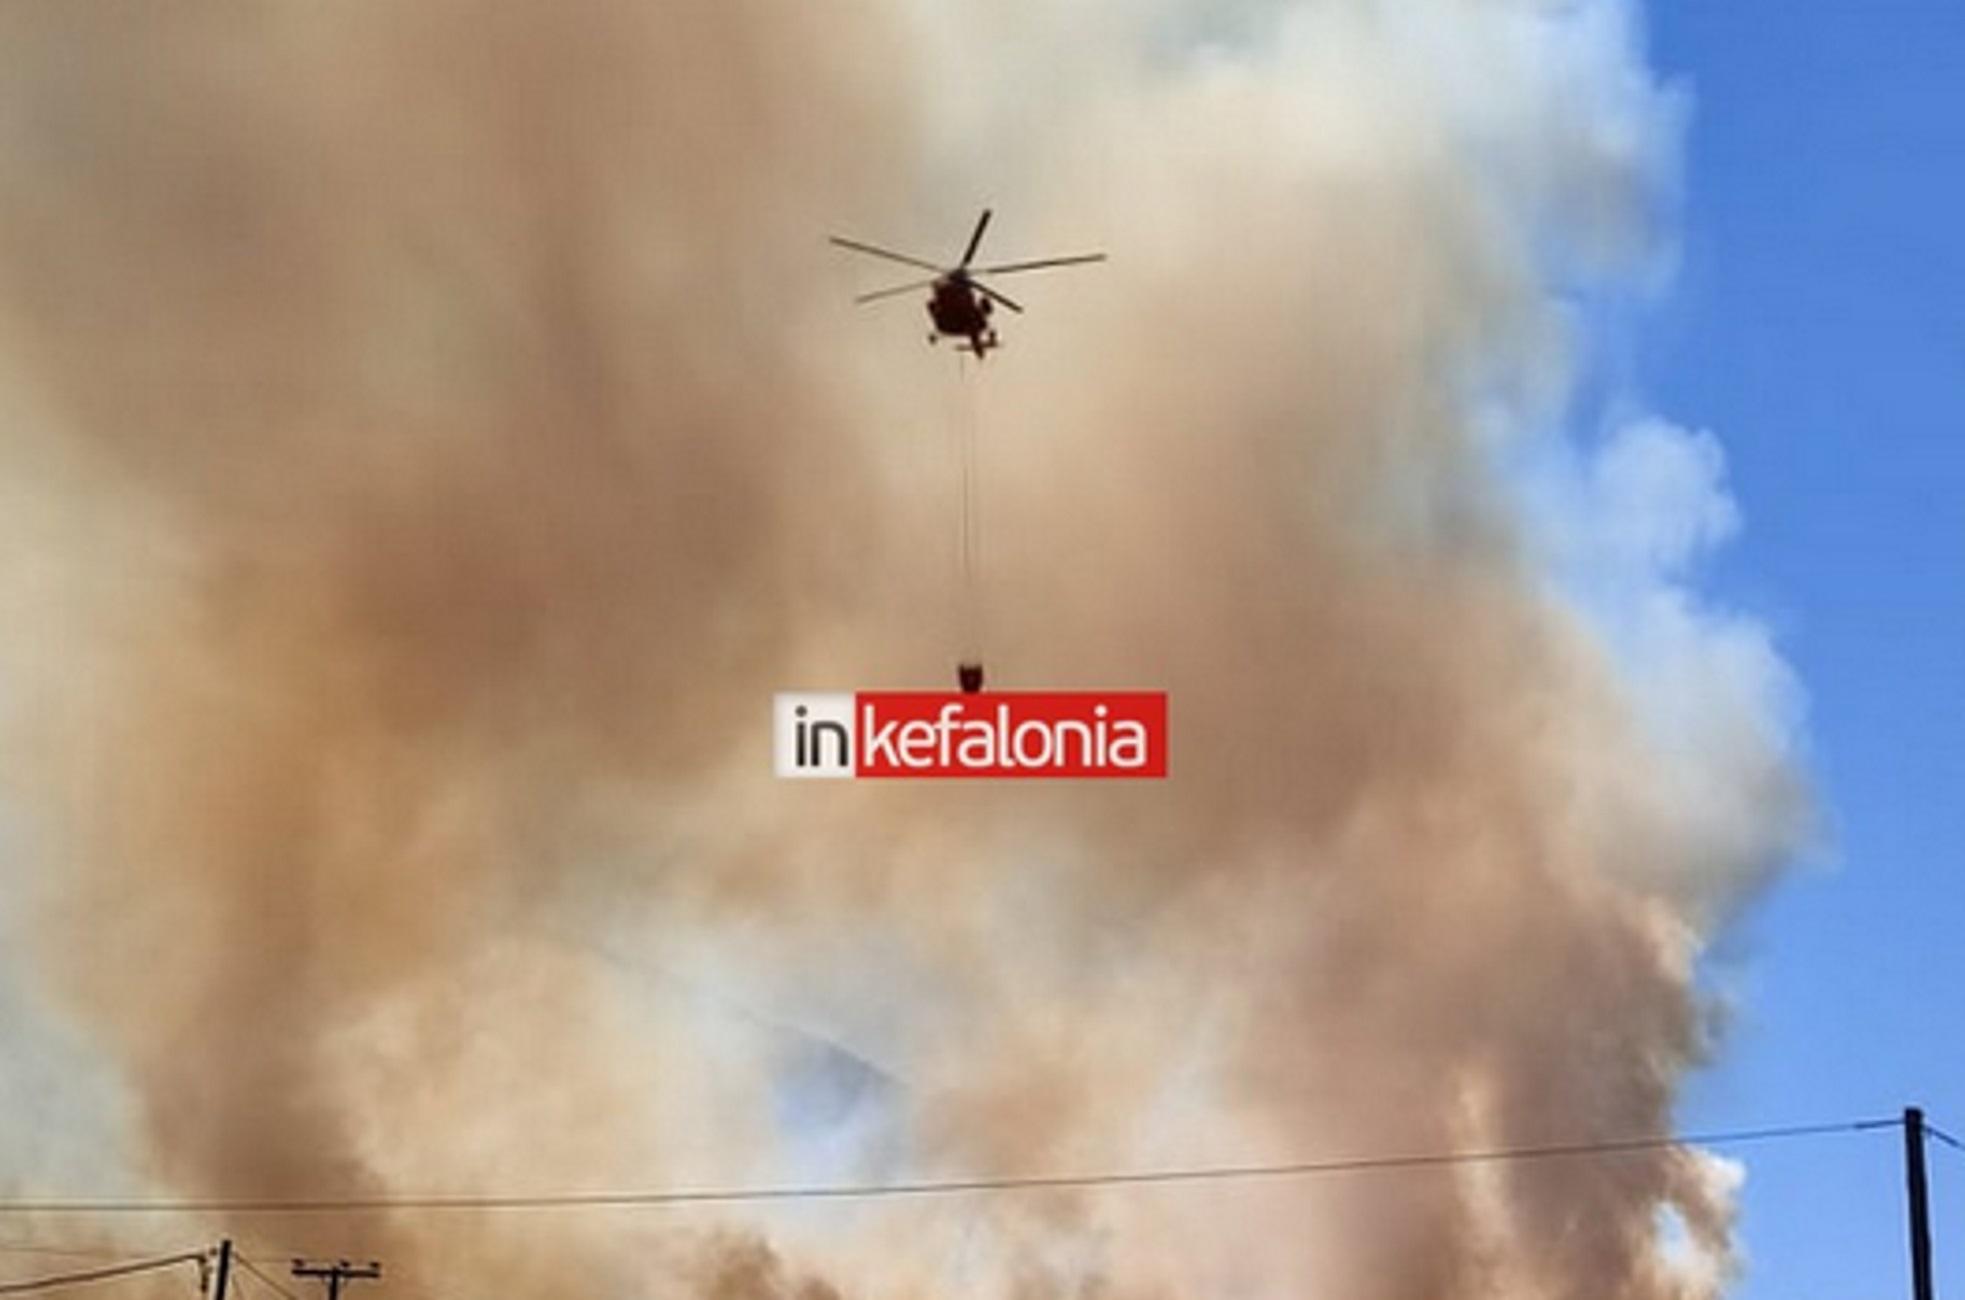 Κεφαλονιά: Ανεξέλεγκτη η φωτιά που ξεκίνησε από ένα βοσκό – «Έχουν συμβεί απίστευτα πράγματα»